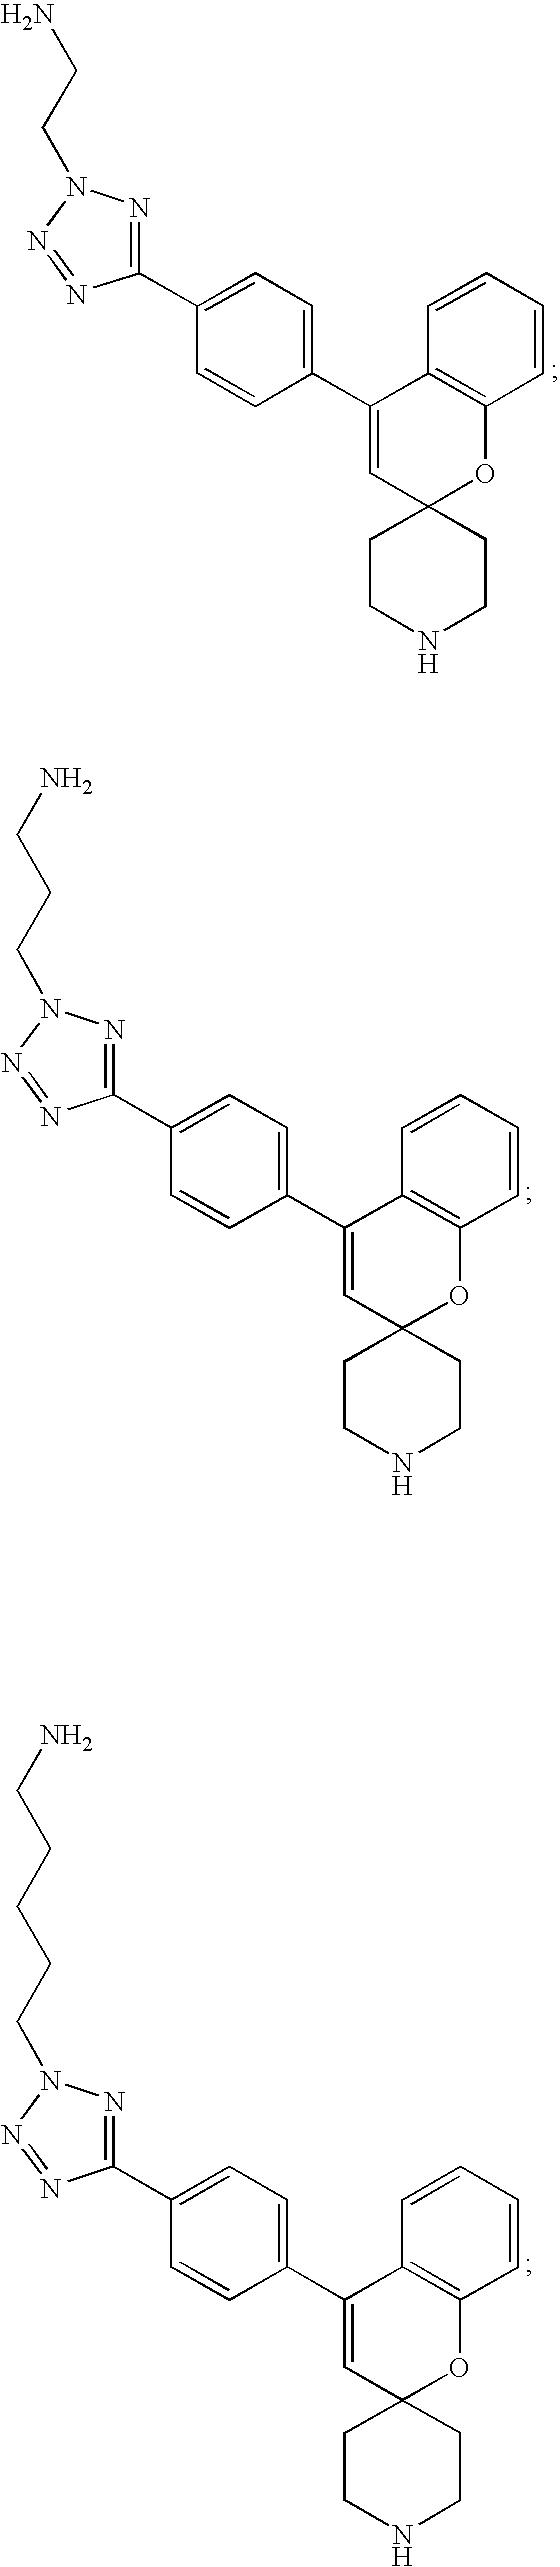 Figure US07598261-20091006-C00103